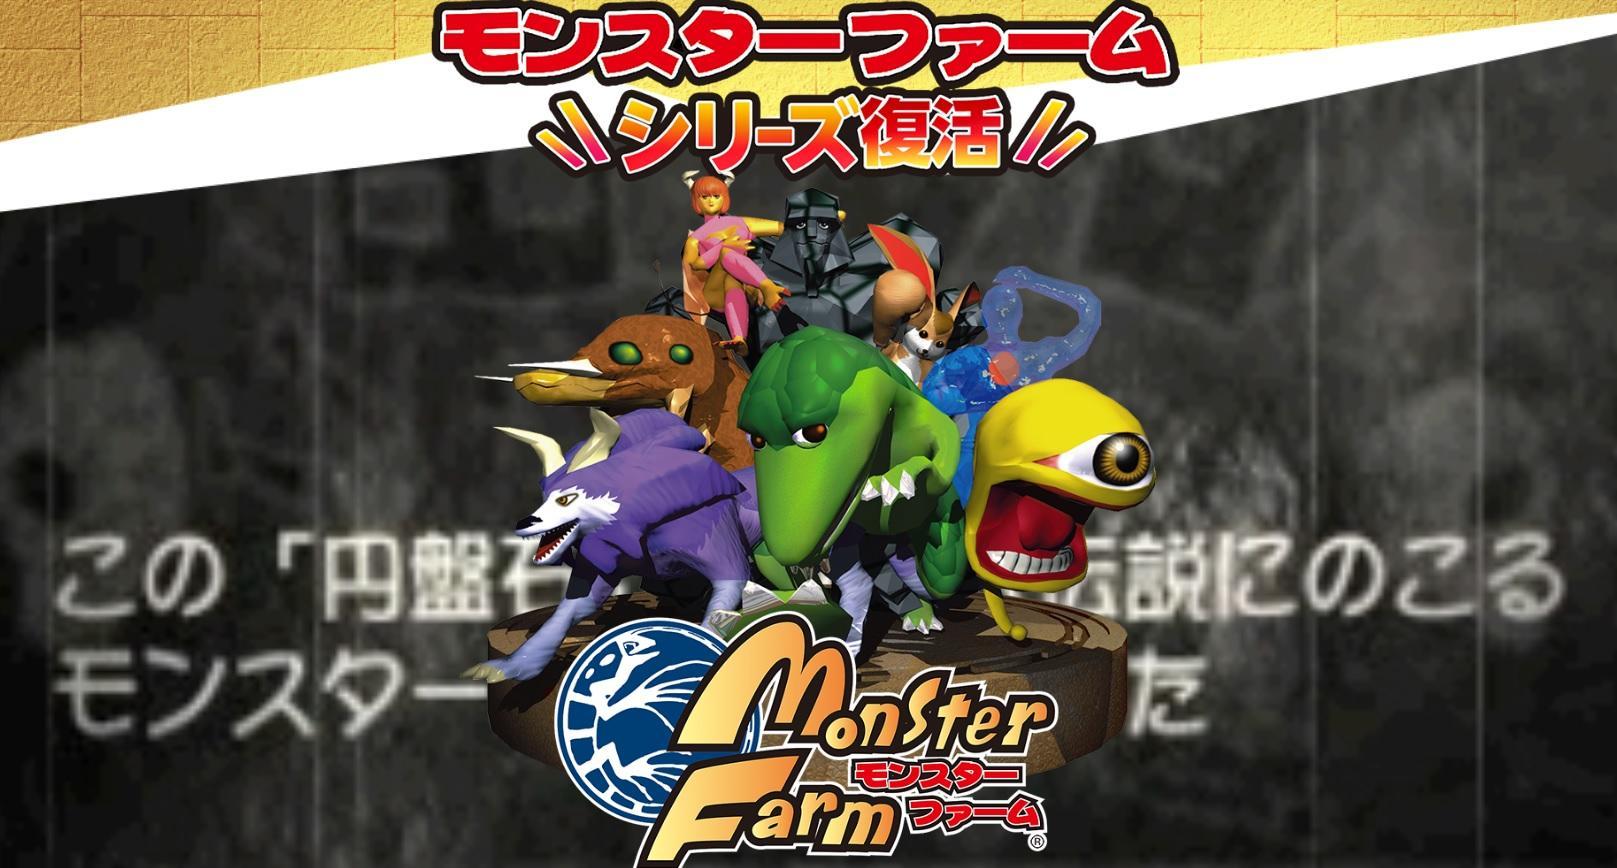 游戏《怪兽农场》系列复活 初代移植版将在年内推出